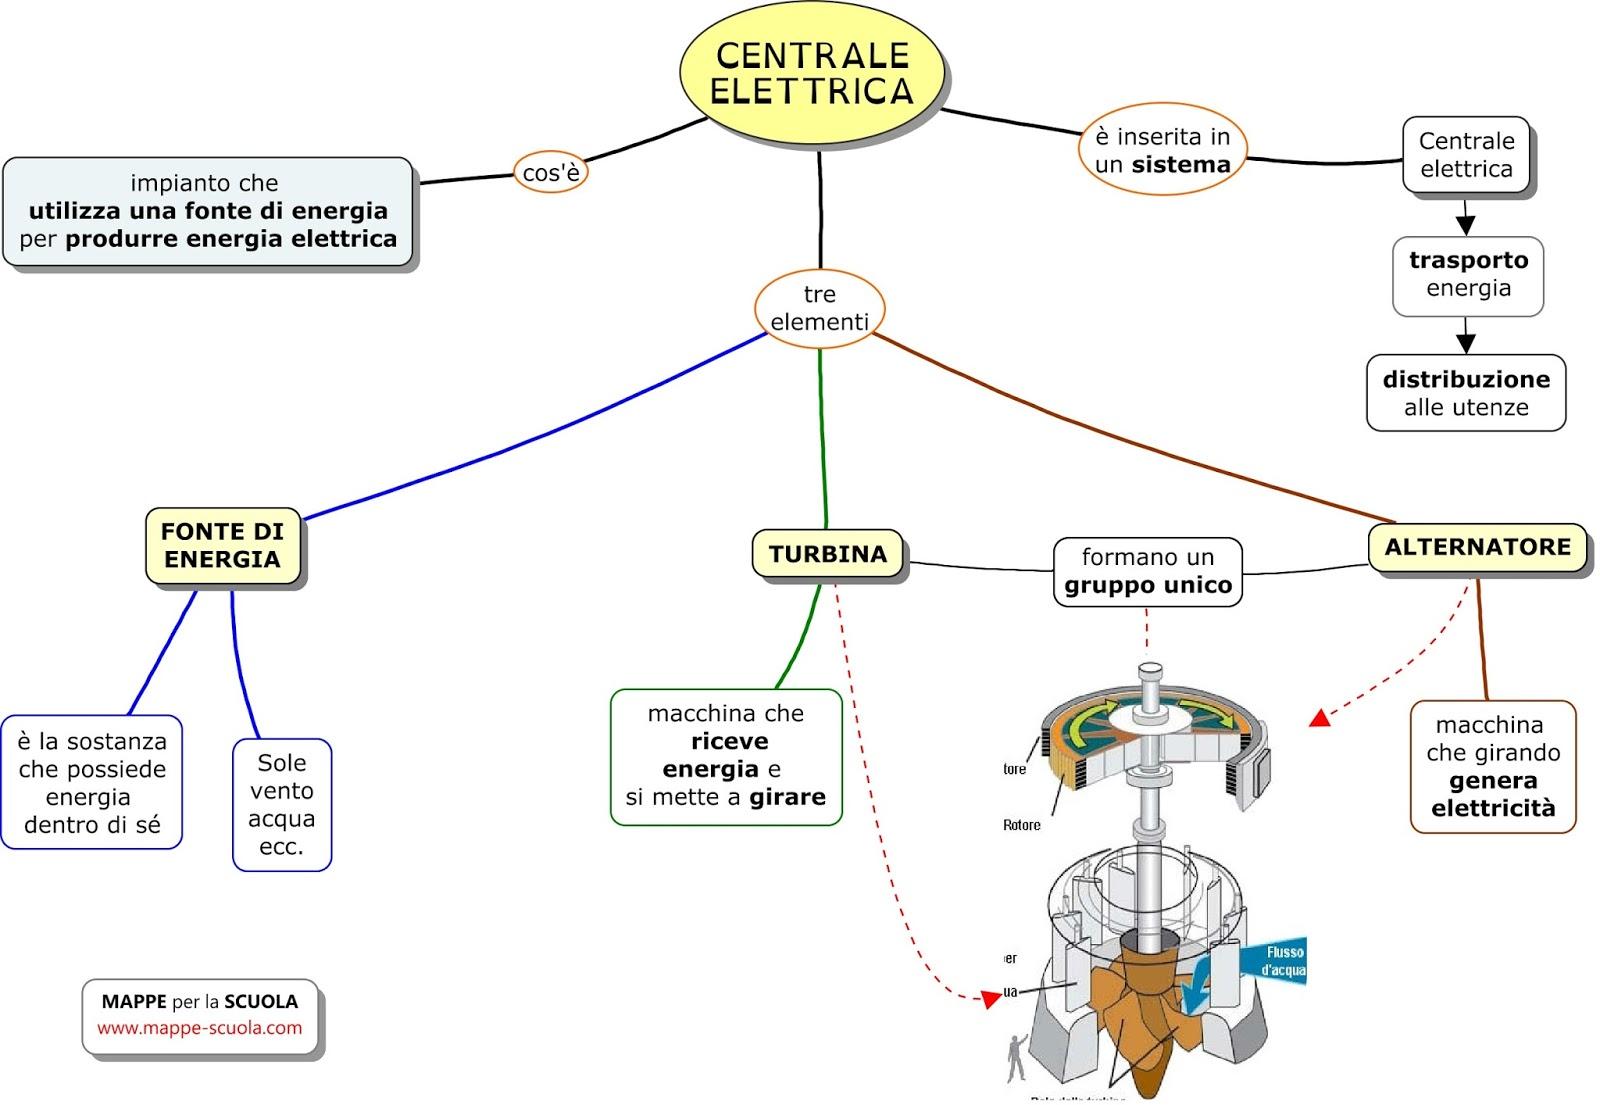 Schema Elettrico Per Scuola : Mappe per la scuola centrale elettrica